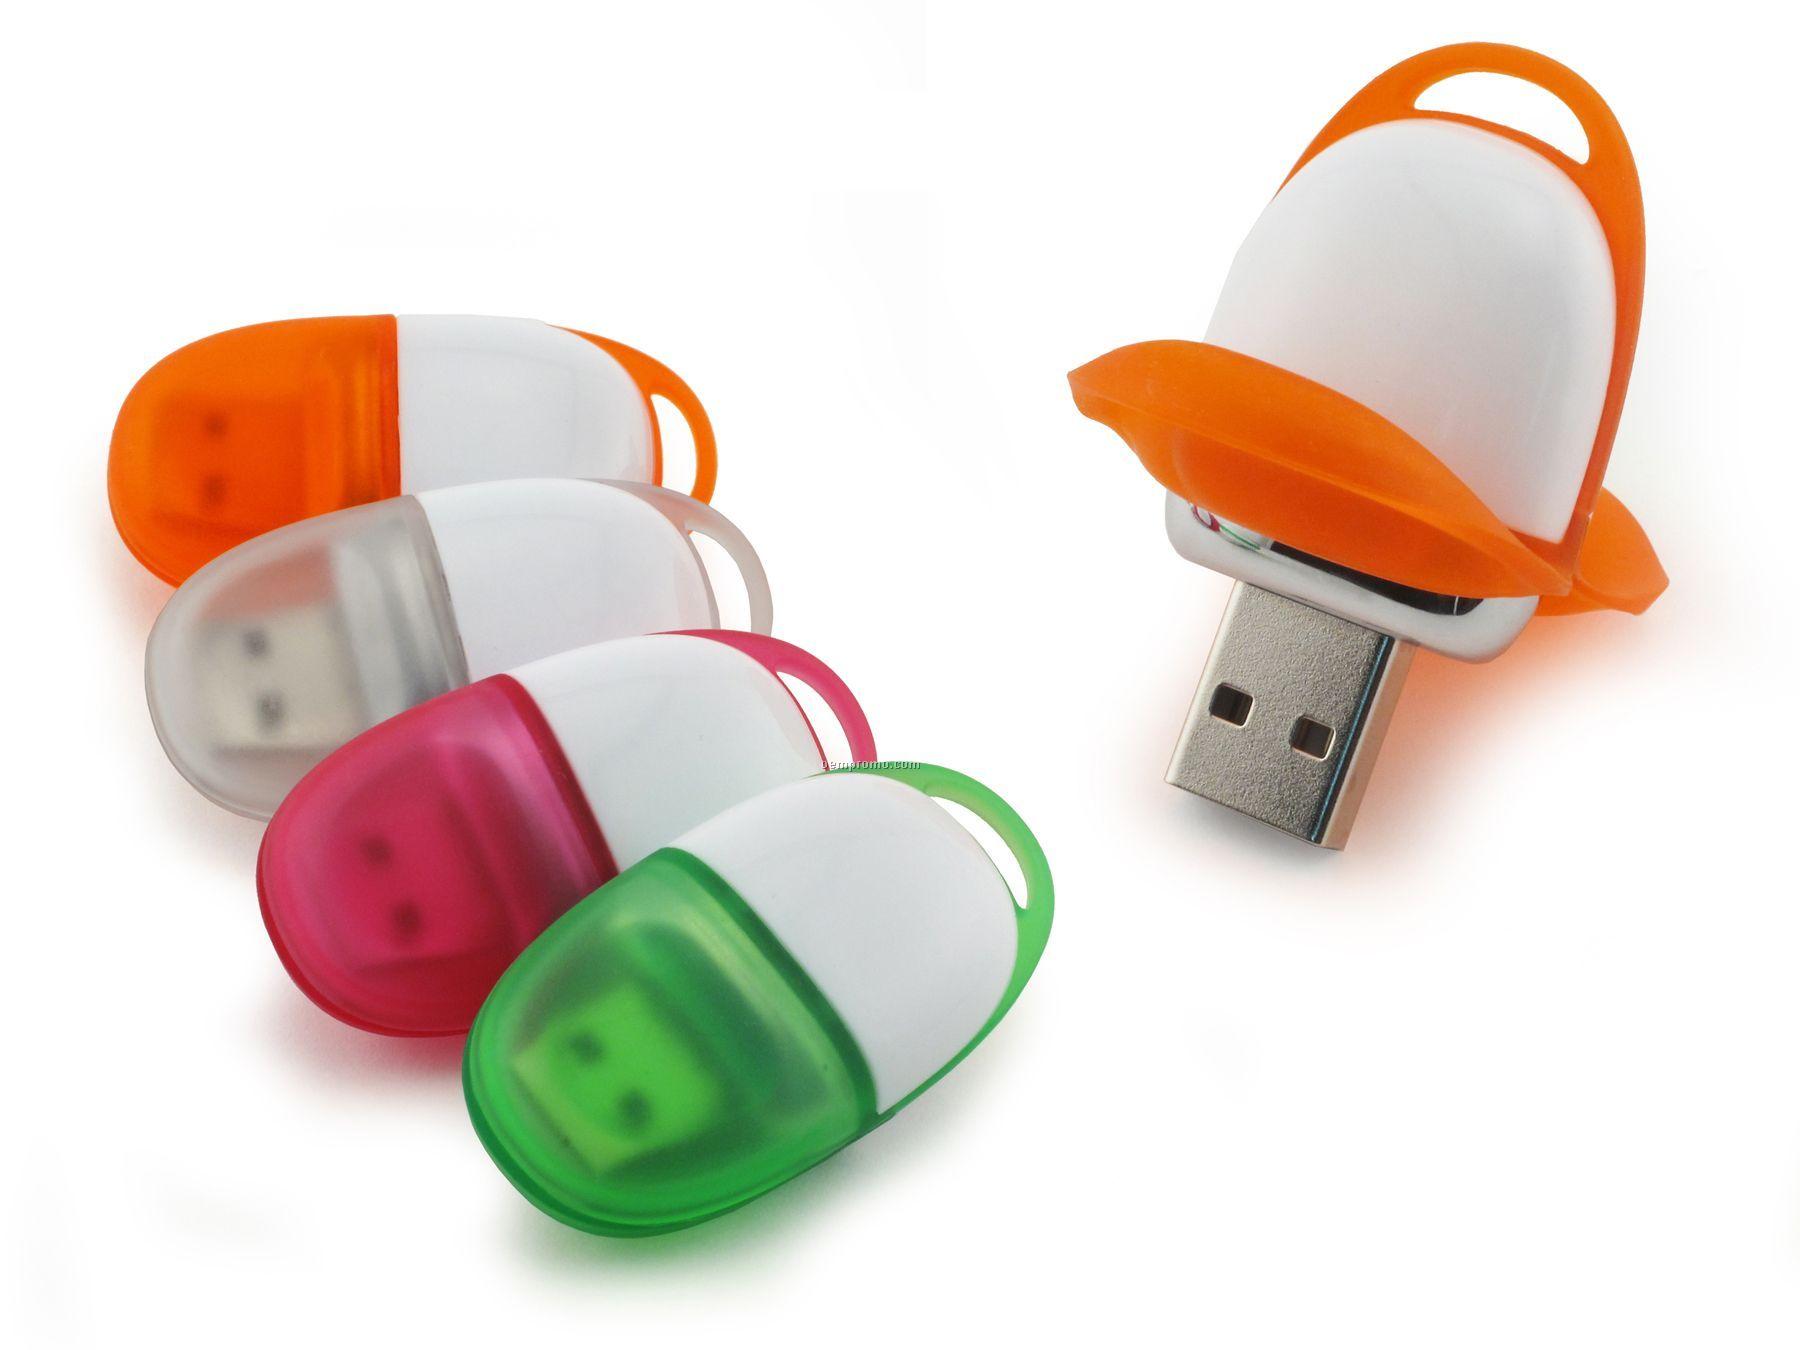 1 Gb USB Pen Drive 1200 Series